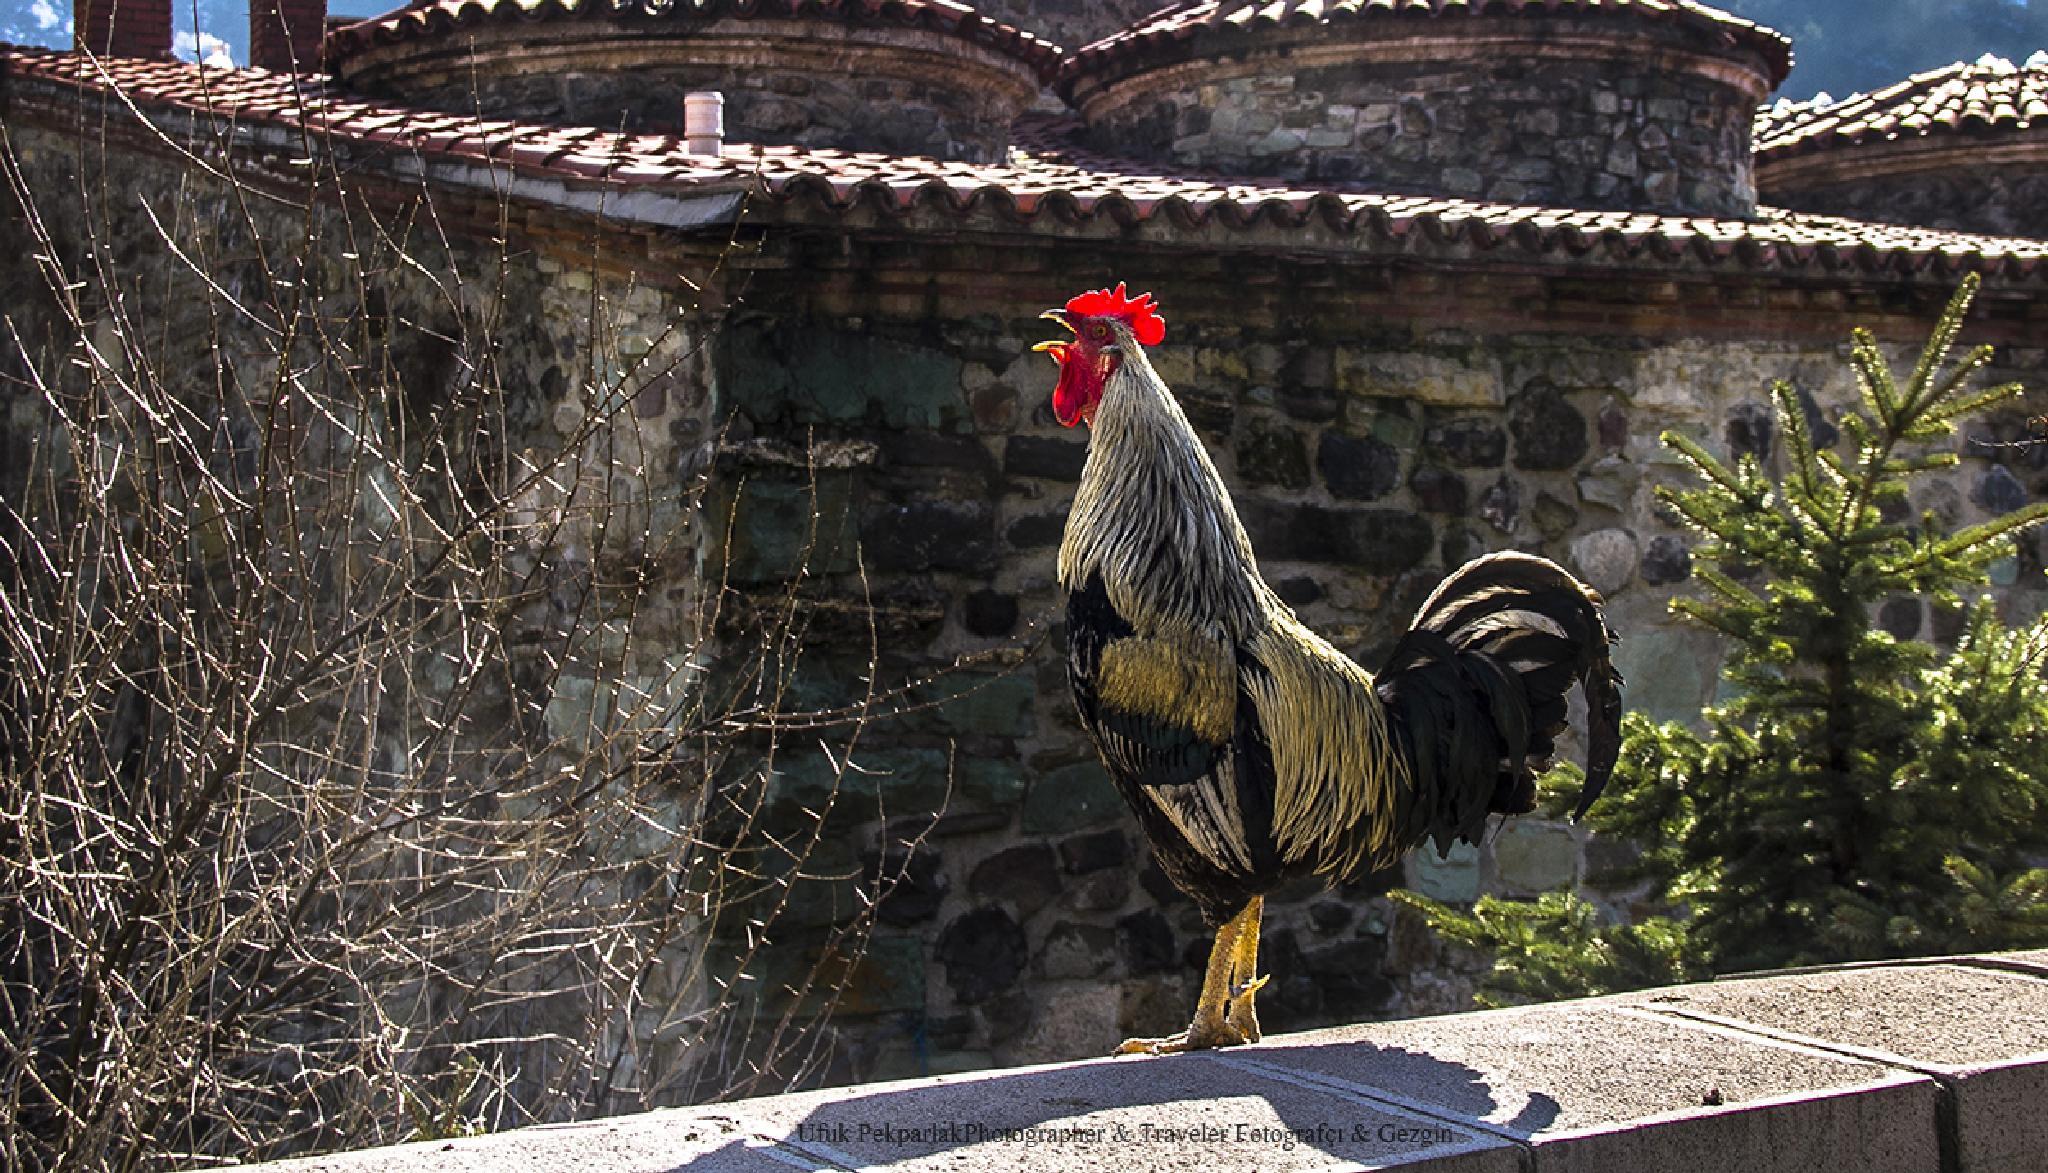 Rooster by ufukpekparlak